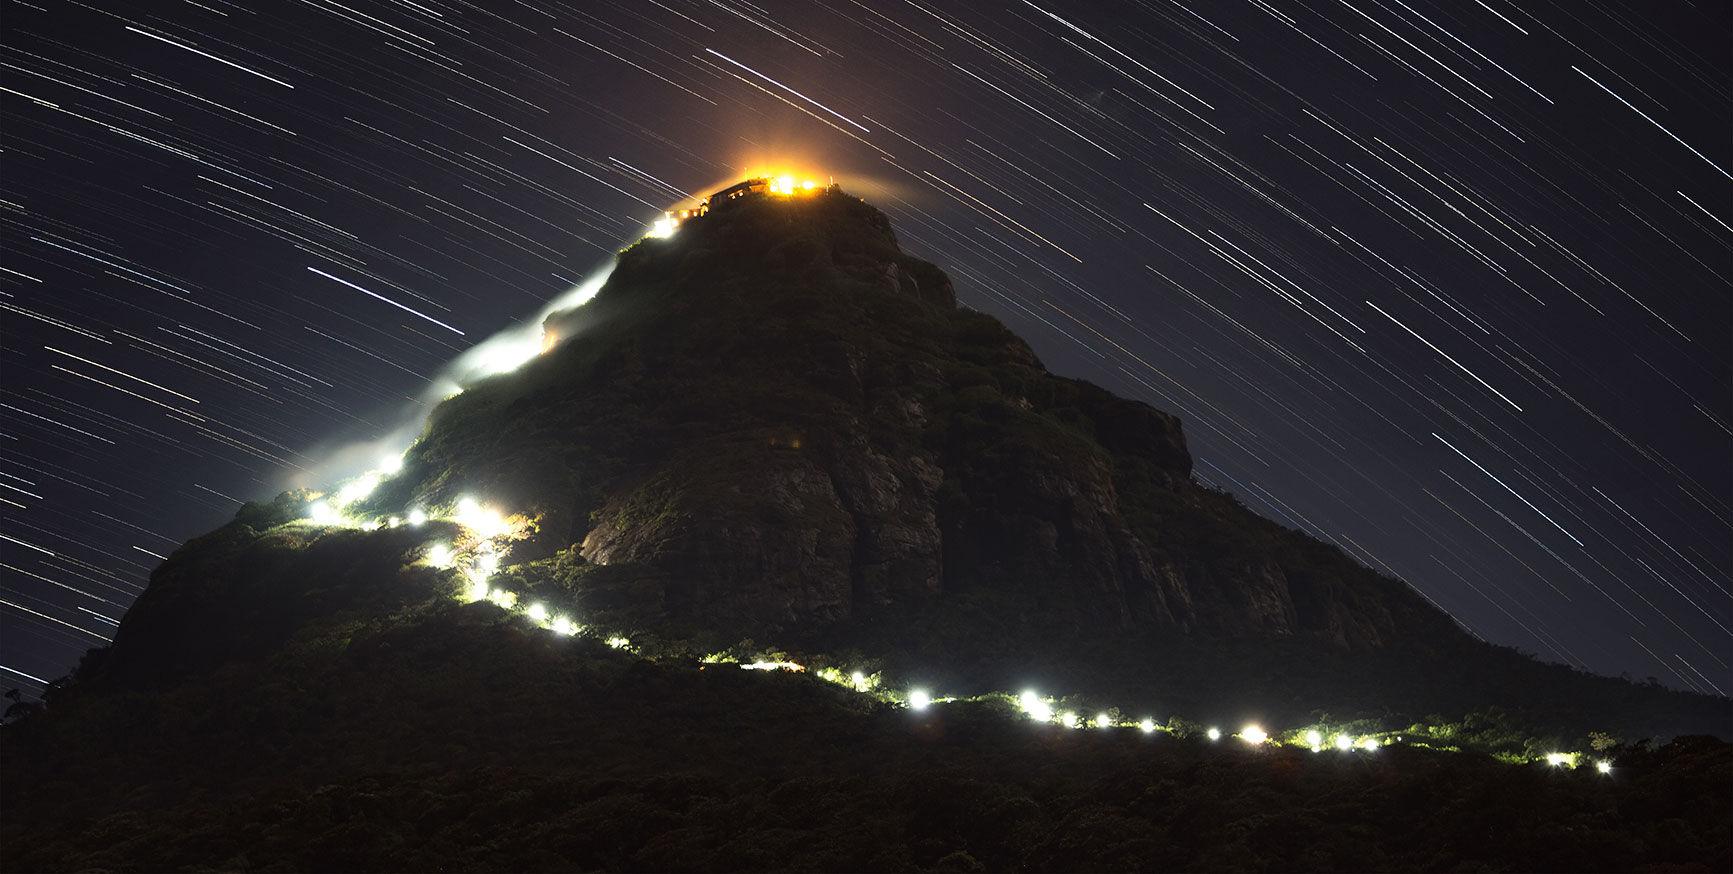 Adam's Peak, mihtiander | istockphoto.com